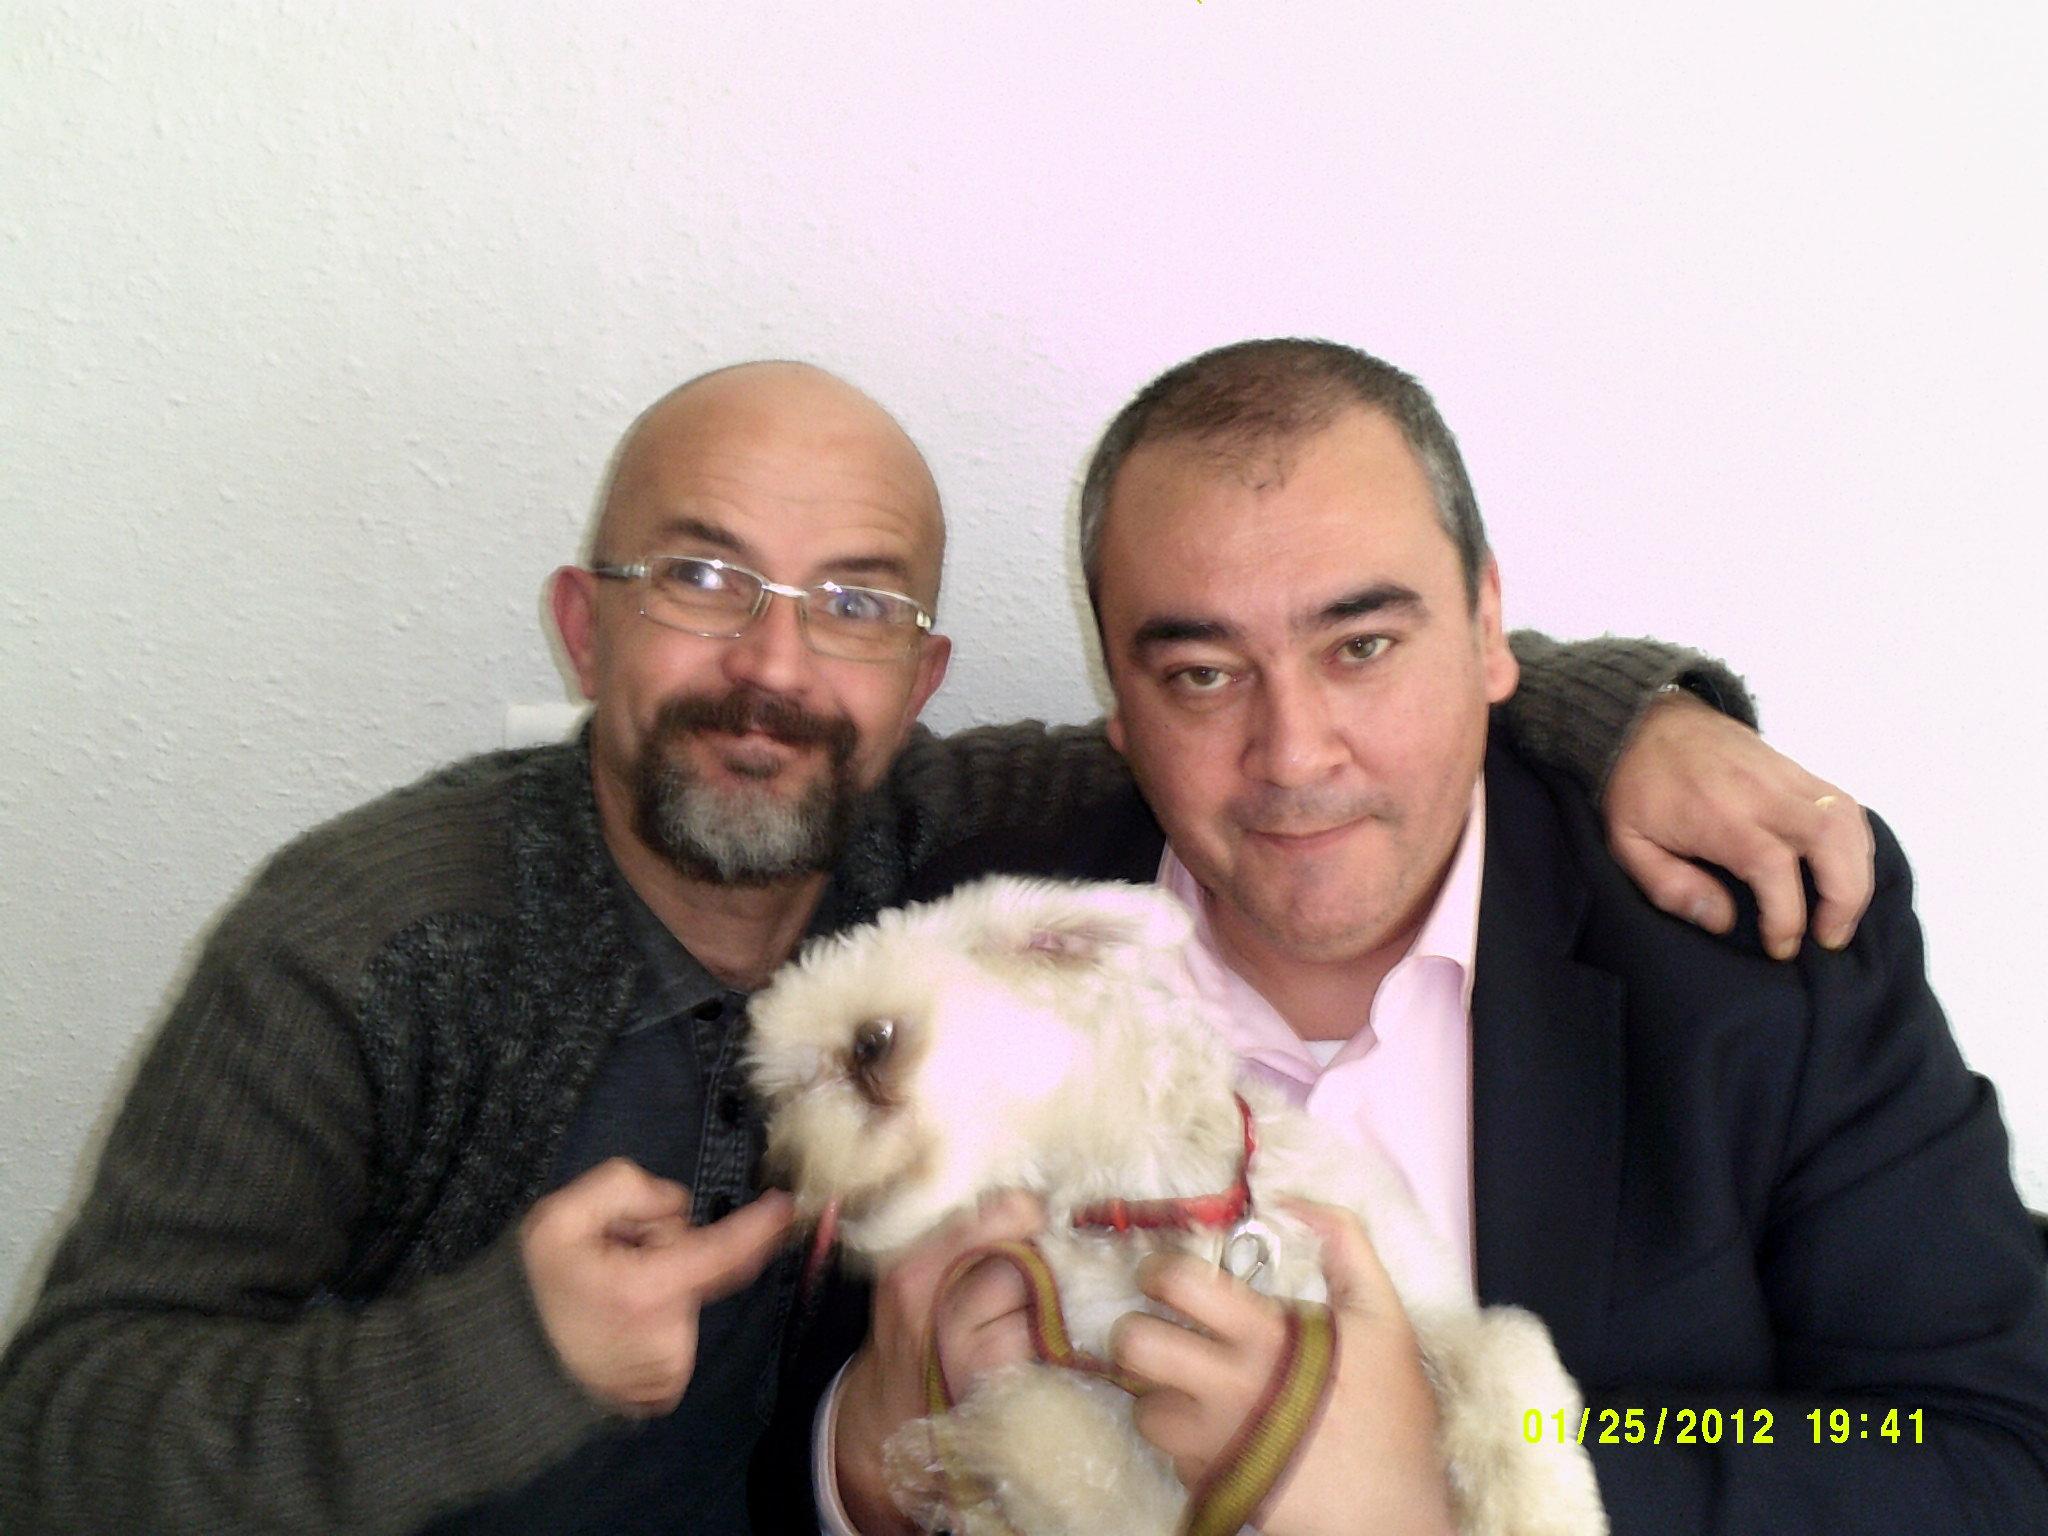 El humorista Manolo Doña y Armando Robles. Posa junto a ellos el bichón maltés del director del programa.